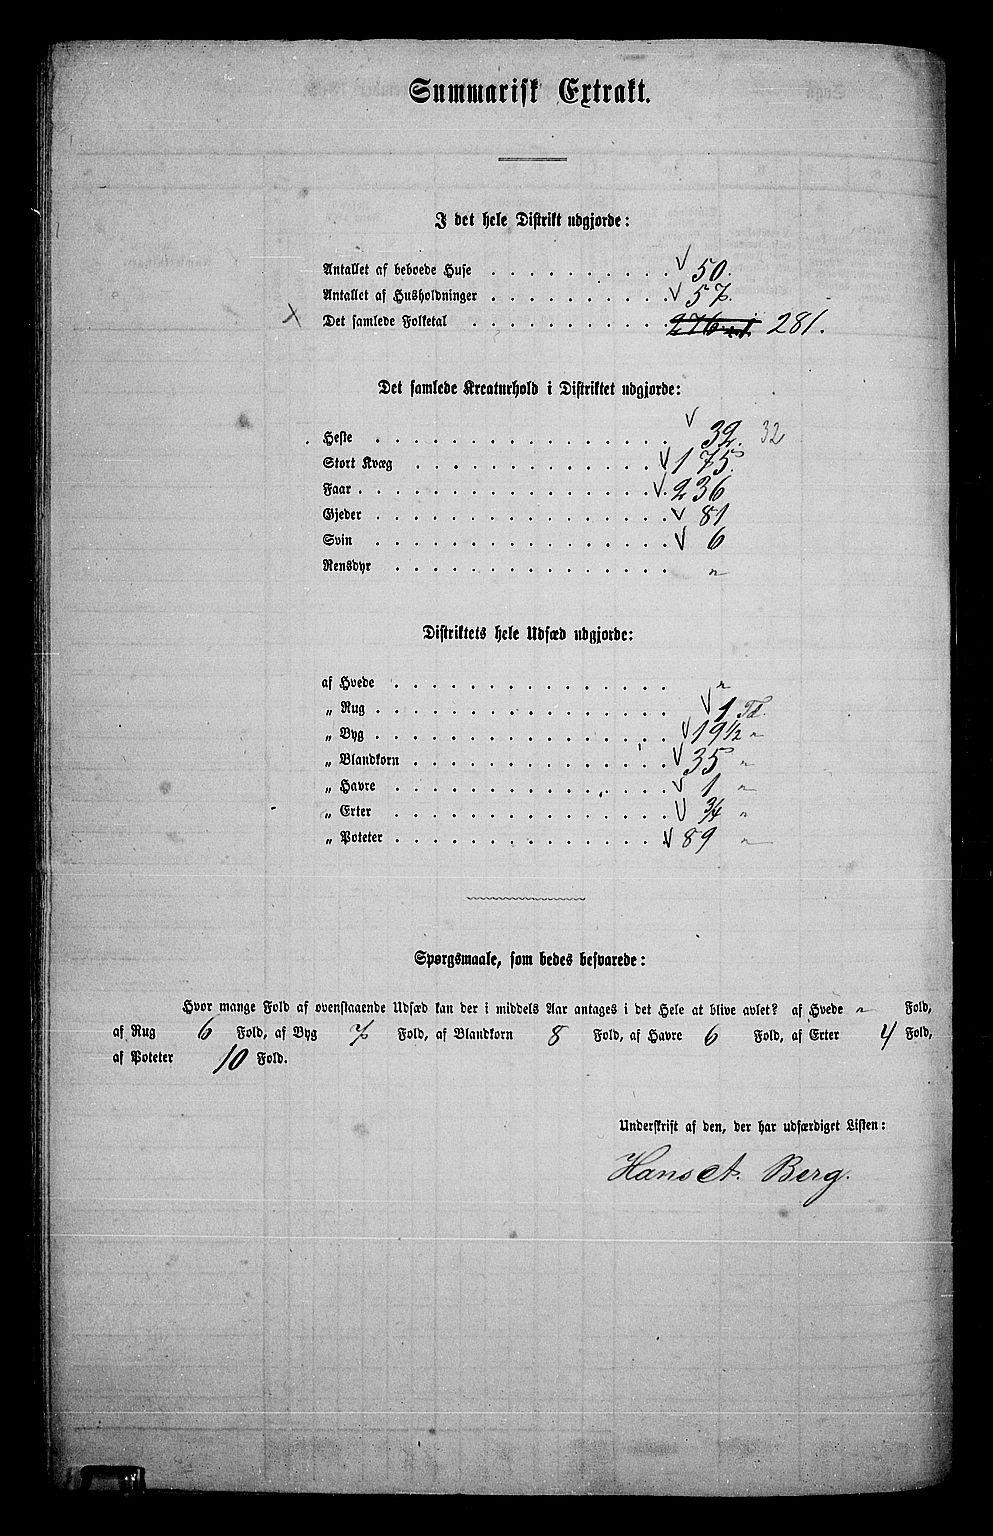 RA, Folketelling 1865 for 0427P Elverum prestegjeld, 1865, s. 214